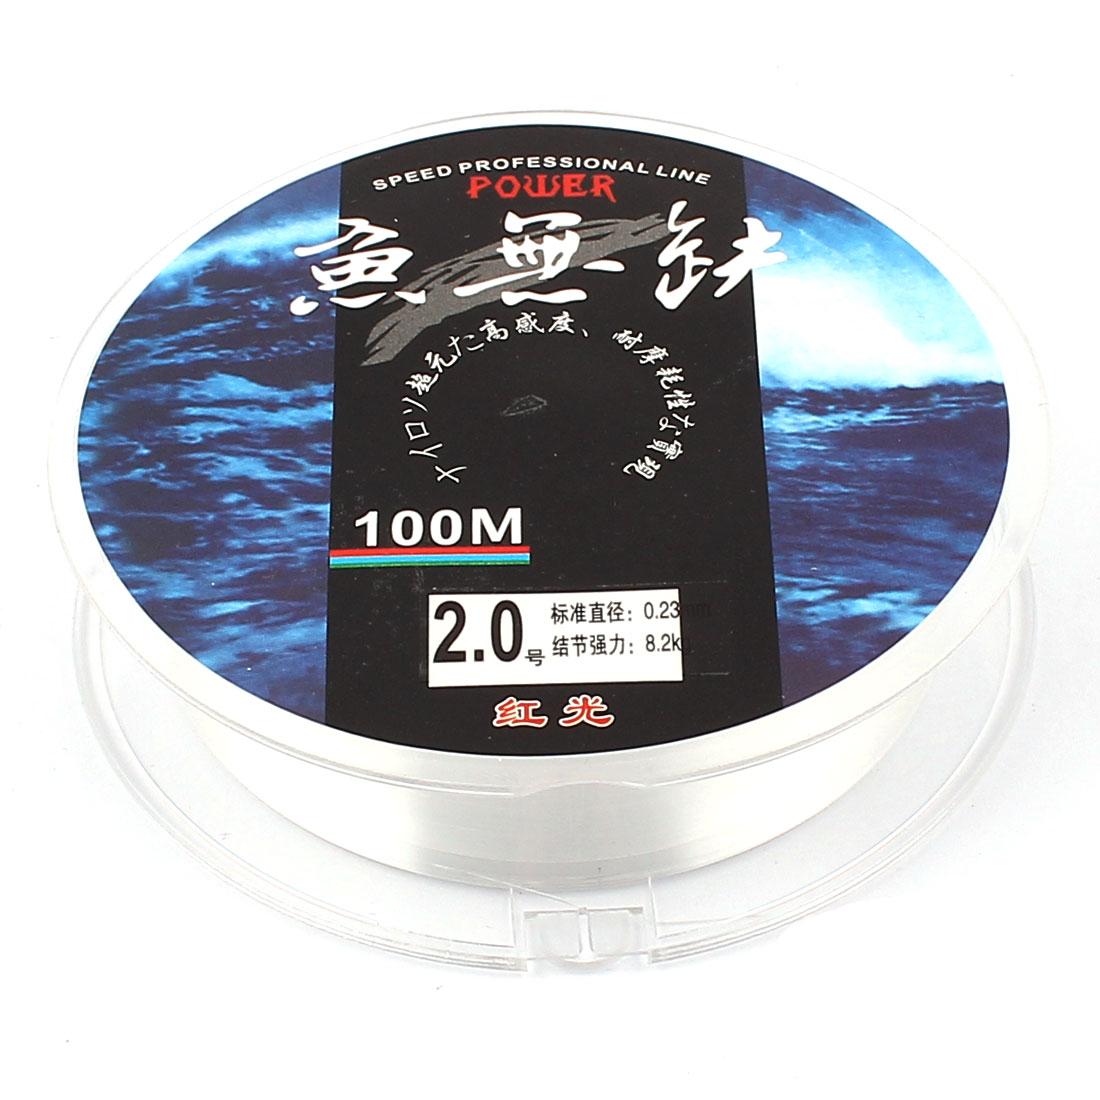 100M Long 2.0# 0.23mm Dia Thread 8.2Kg 18lb Fishing Lure Line Spool Clear